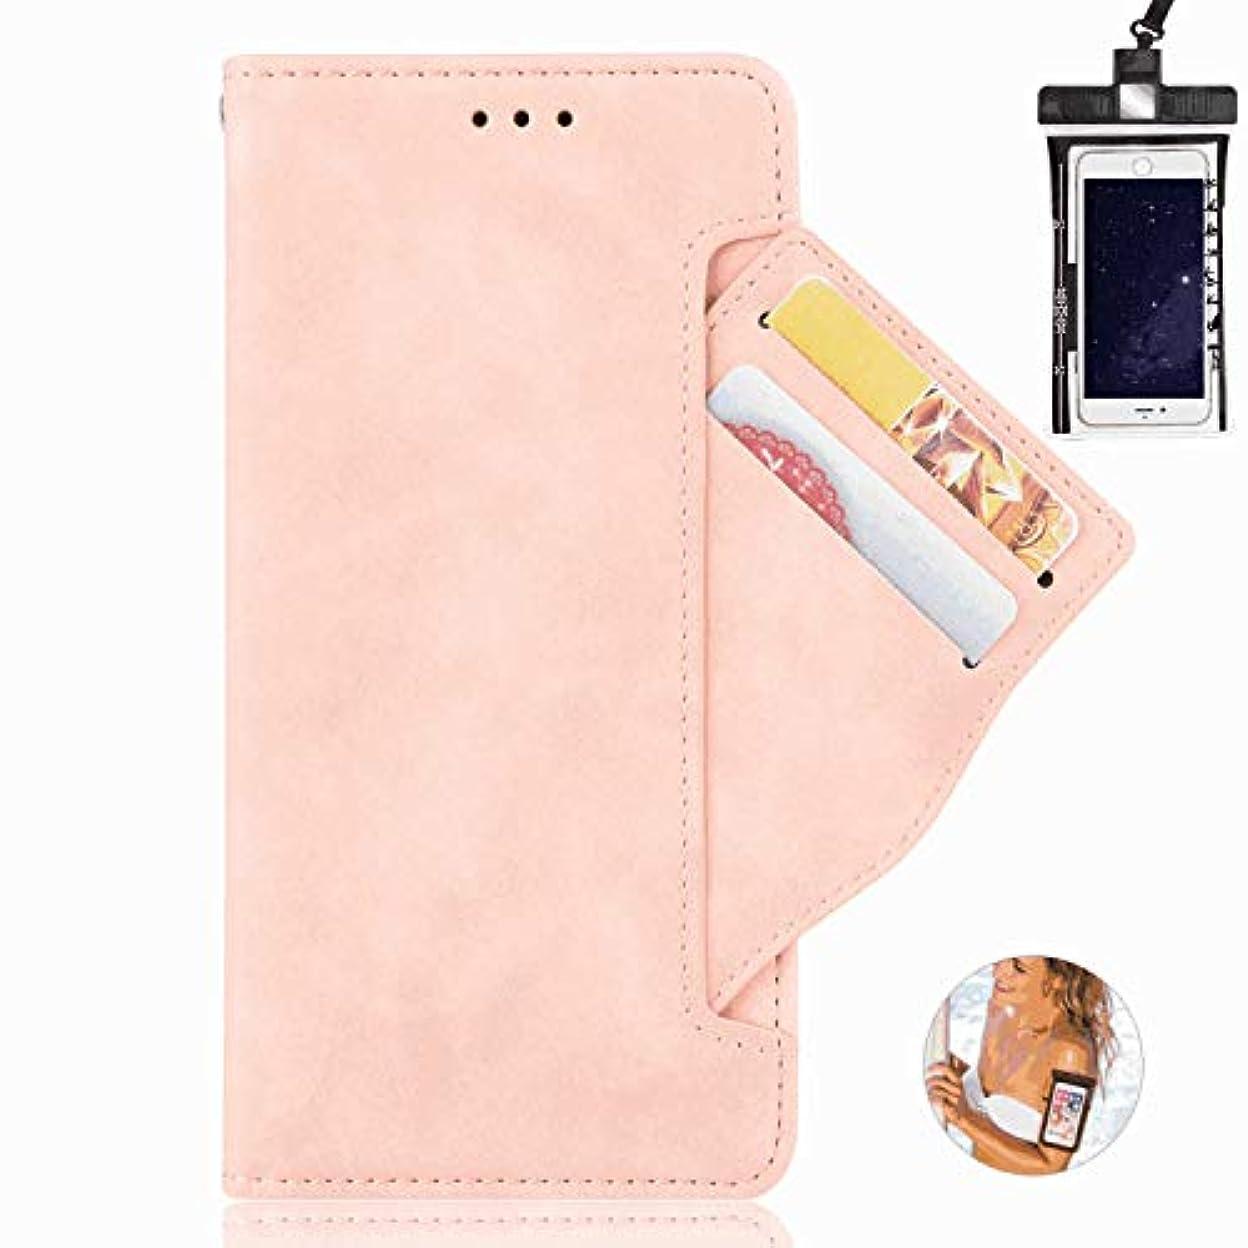 従事したはねかけるアコード耐摩擦 手帳型 手帳型 アイフォン iPhone 11 Pro ケース 本革 レザー スマホケース カバー 財布型 耐汚れ 無料付防水ポーチ